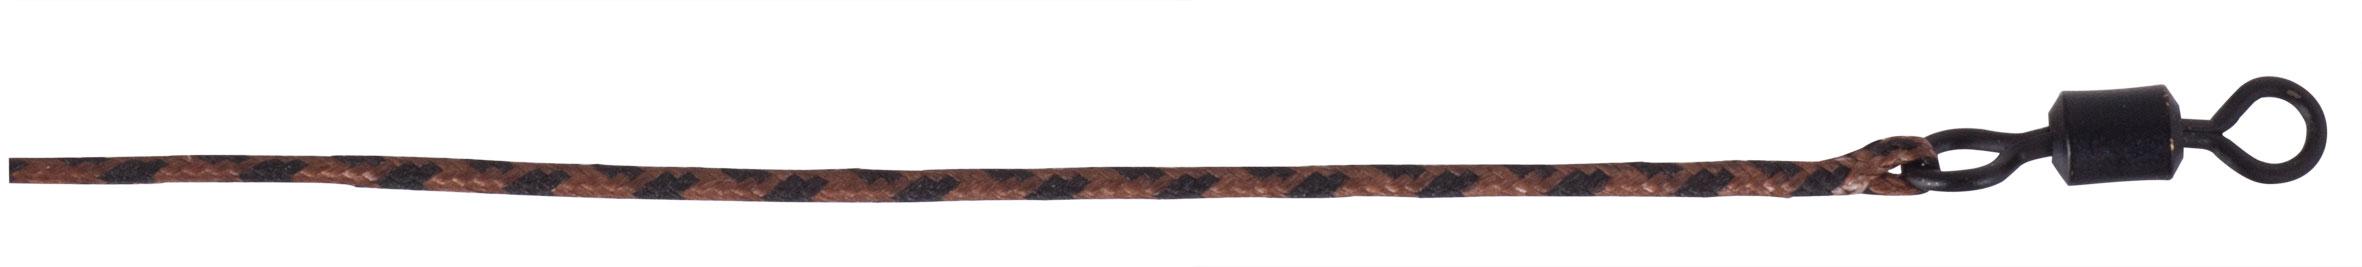 Nadväzec Anaconda Camou Swivel 35 lb - hnedá